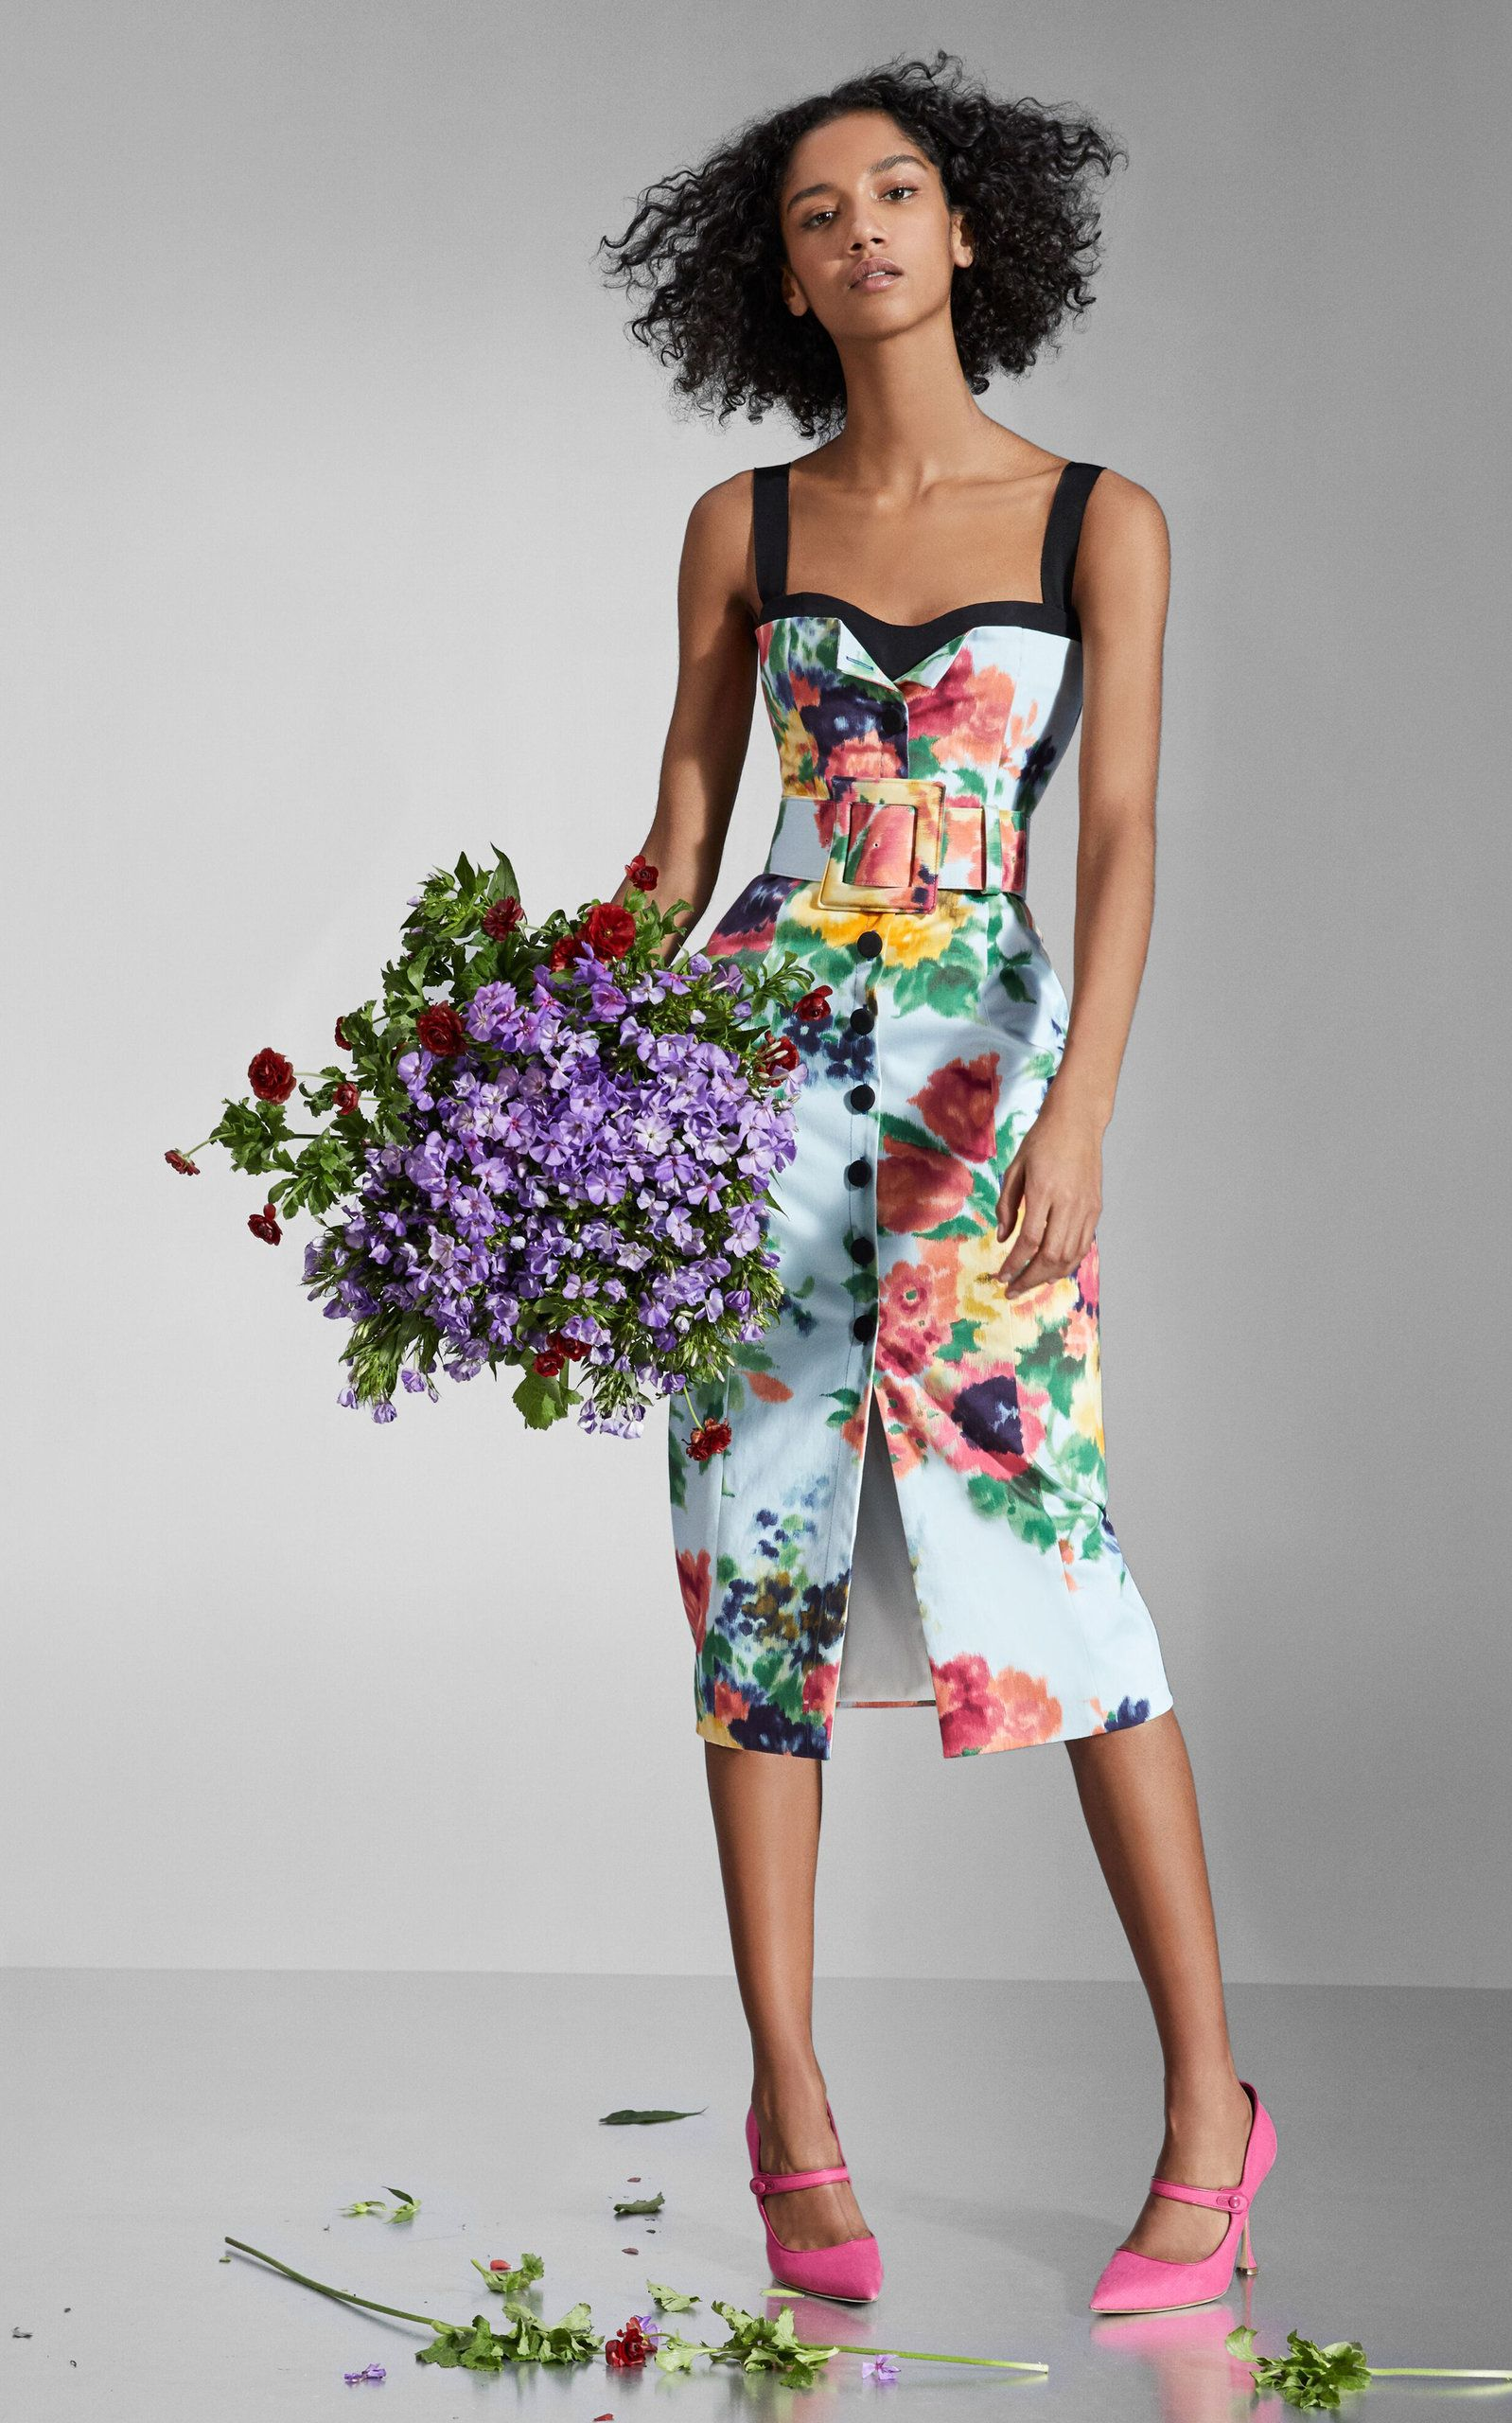 Ceinture Boucle Carrée Imprimé Floral Bouquet Large par Carolina Herrera | Moda Operandi   – Products